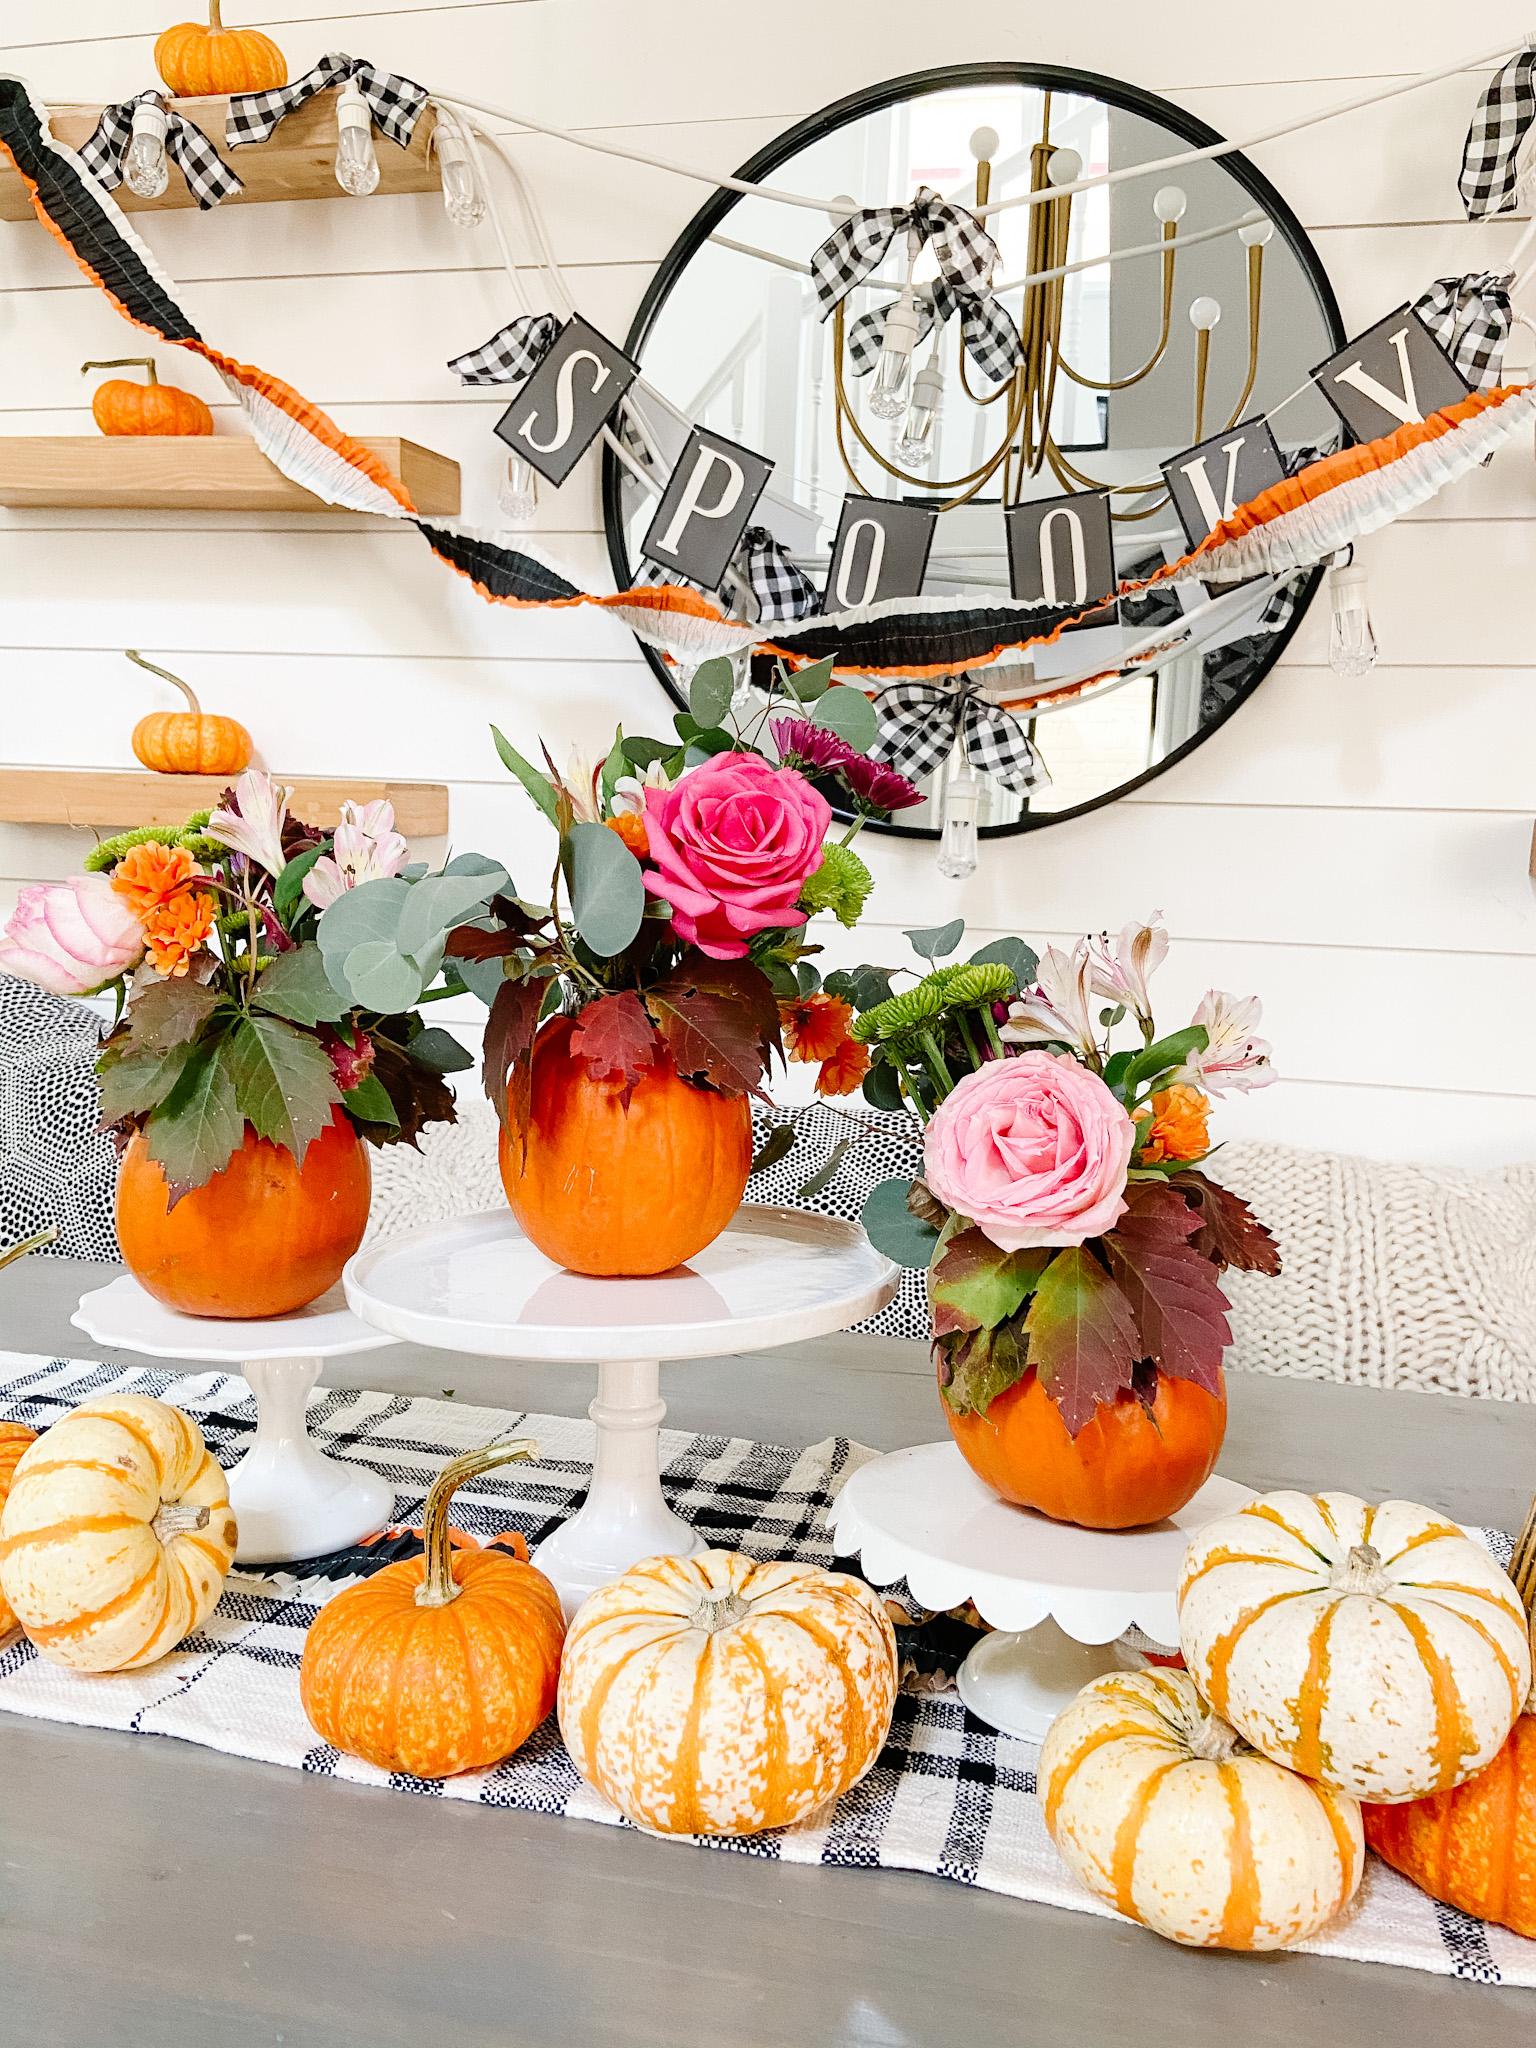 Mini Pumpkin Flower Arrangement Fall Centerpiece. Carve small pumpkins and display cut flowers for an festive fall centerpiece.